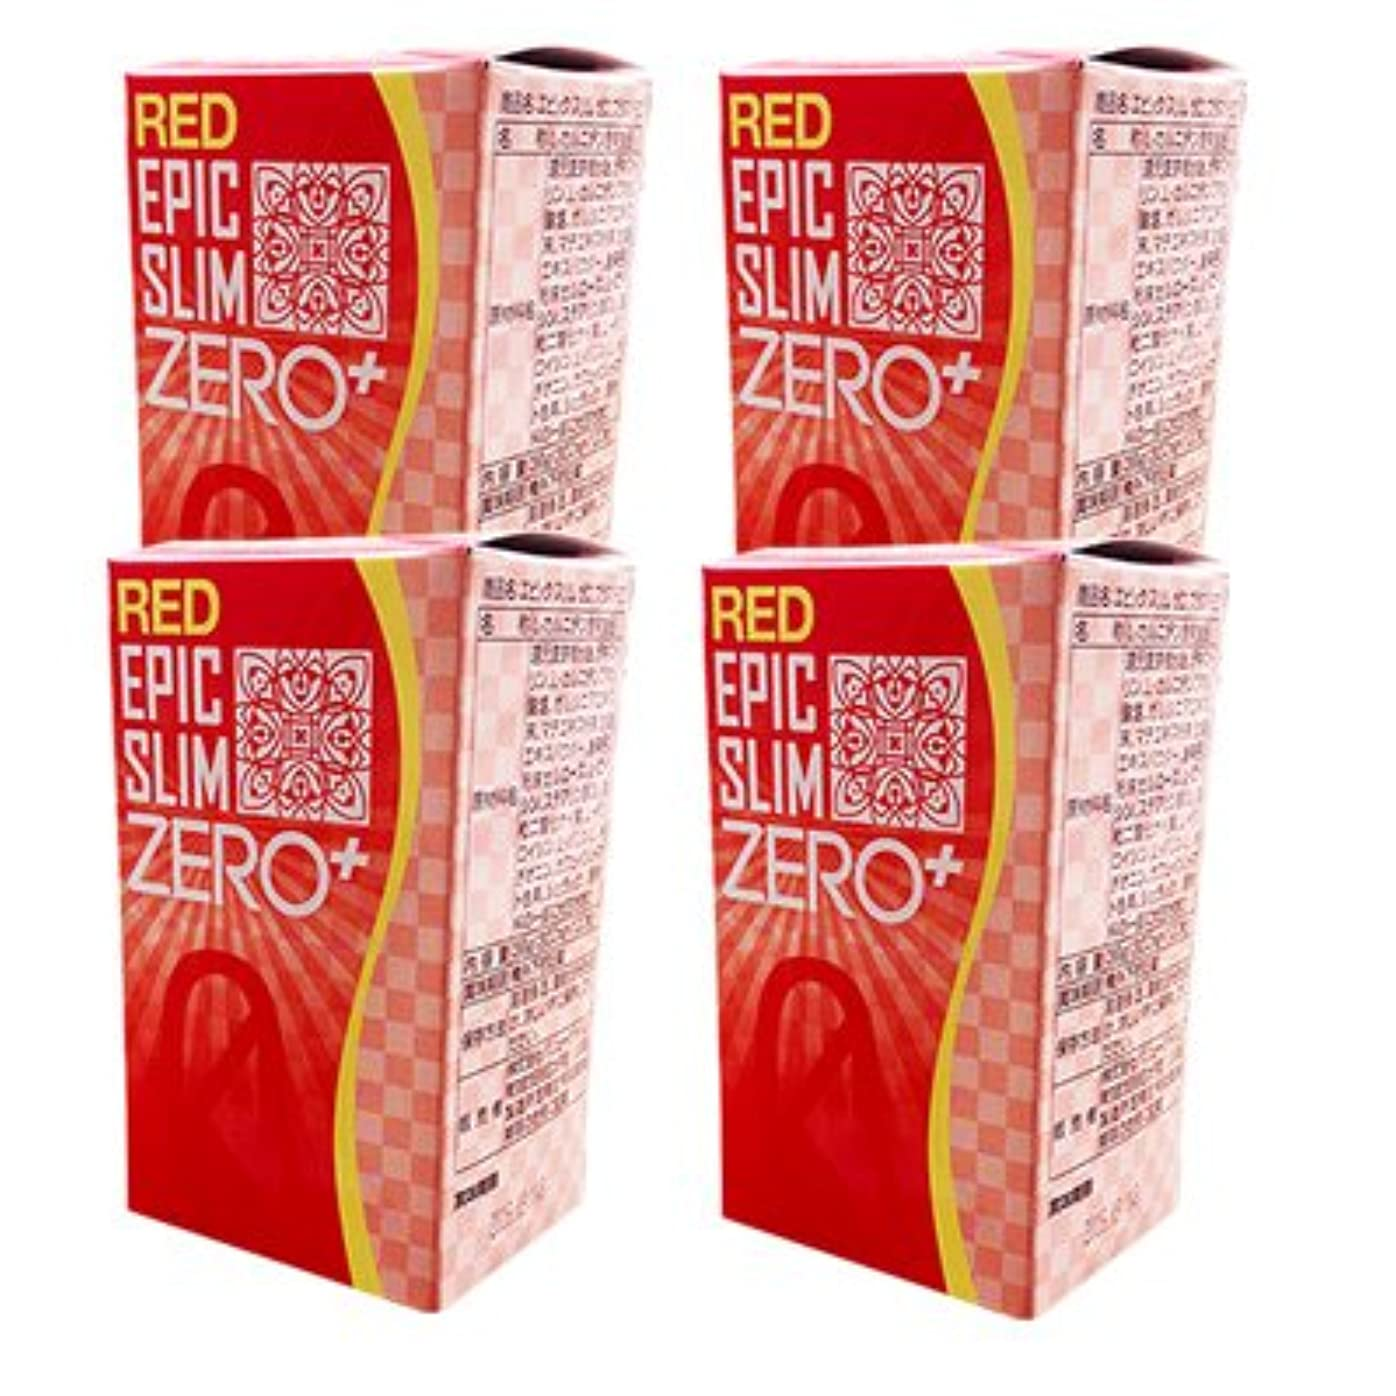 推進力近所の高揚したレッド エピックスリム ゼロ レッド 4個セット!  Epic Slim ZERO RED ×4個